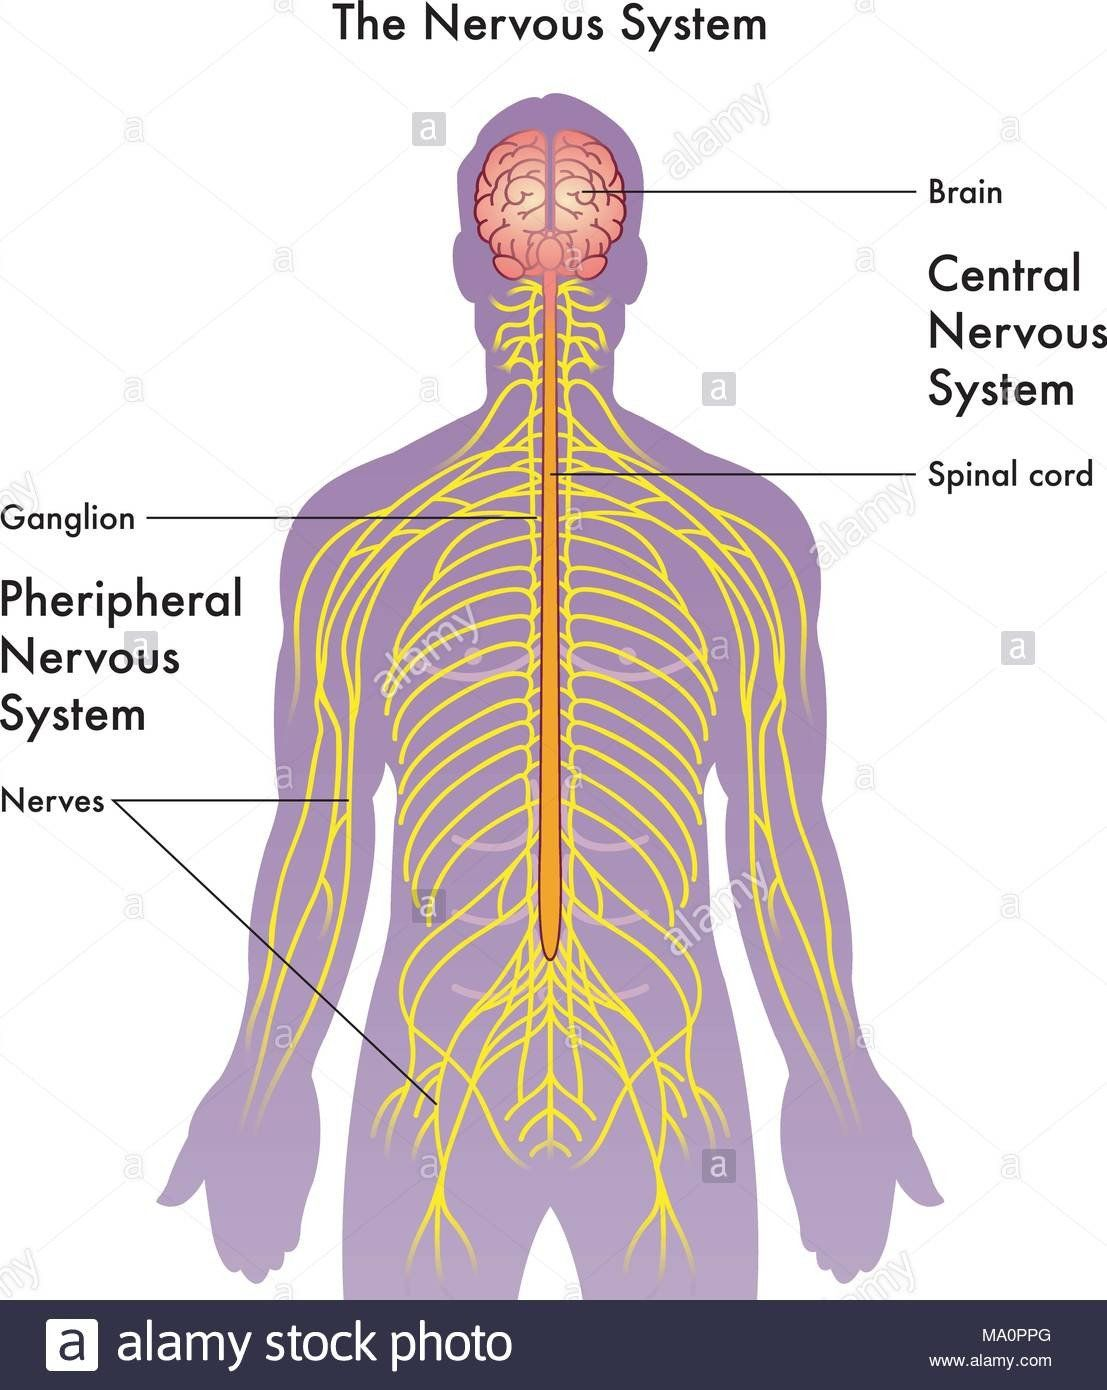 Labeling The Nervous System Central Nervous System Diagram